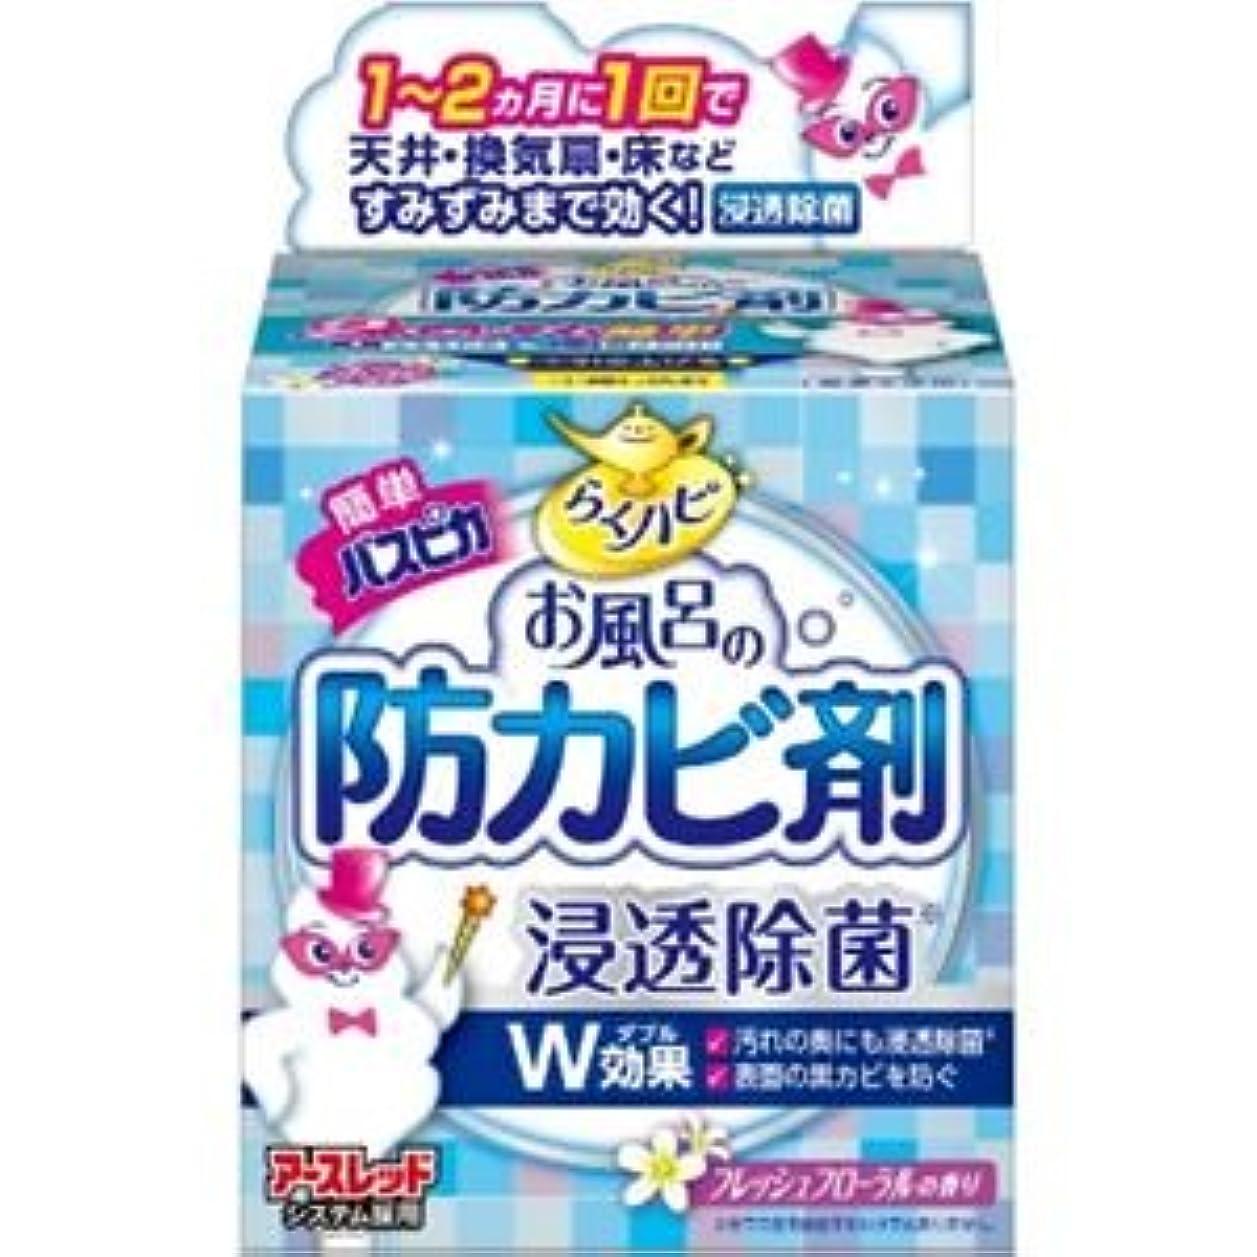 謙虚ブランド名バイソン(まとめ)アース製薬 らくハピお風呂の防カビ剤フローラルの香り 【×3点セット】